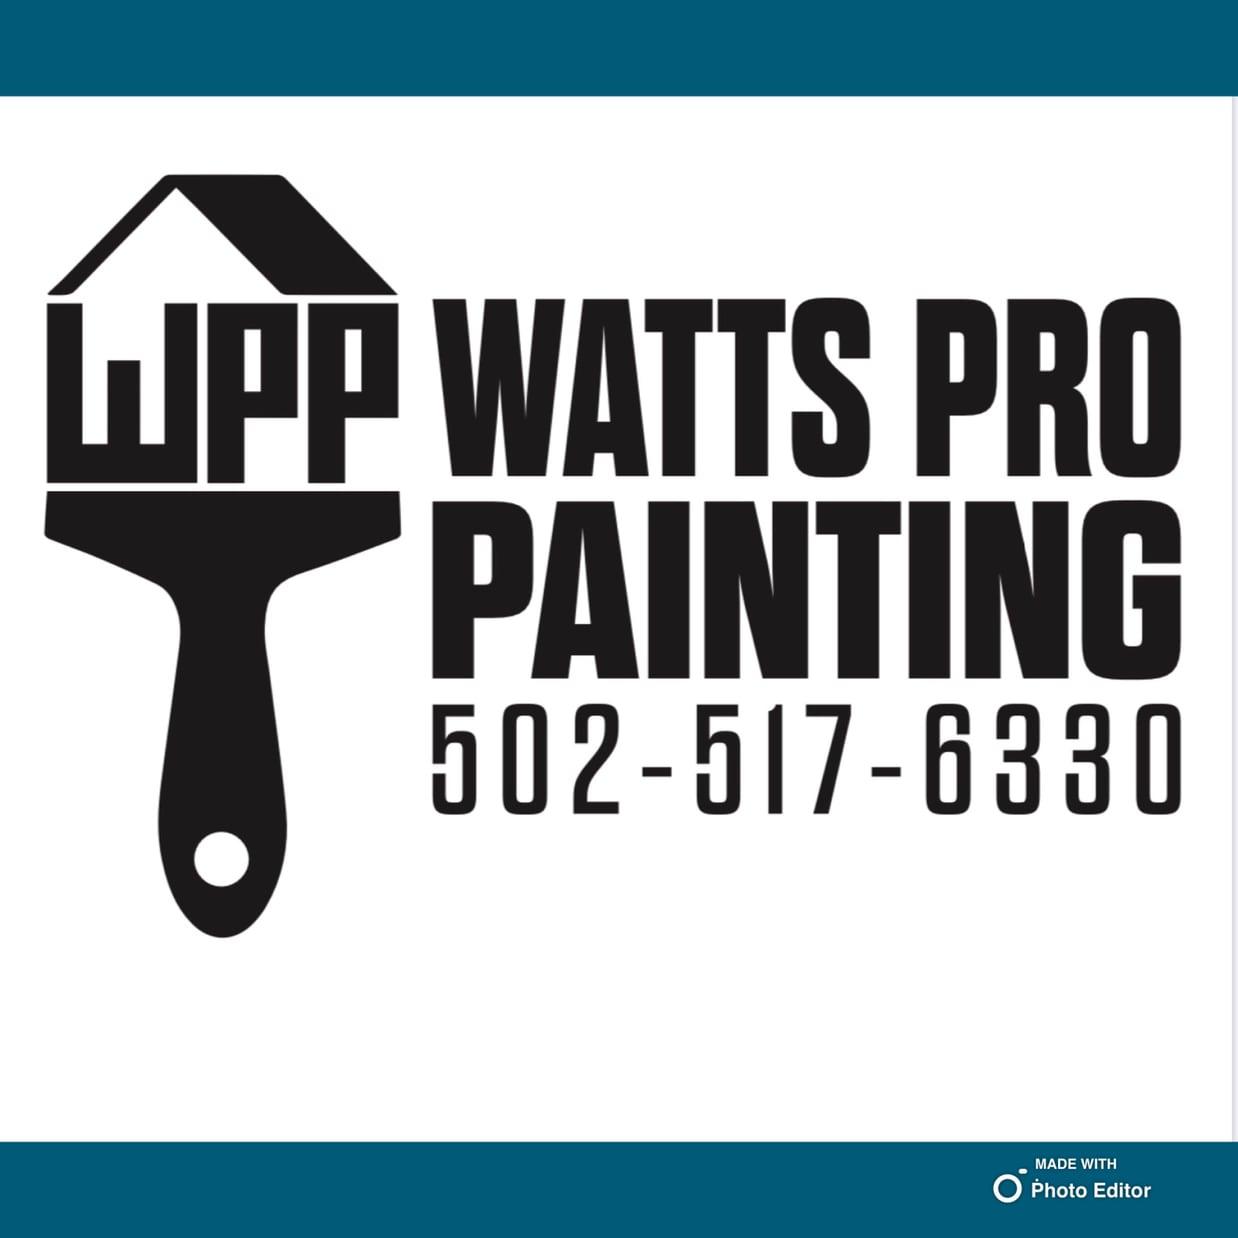 Watts Pro Painting